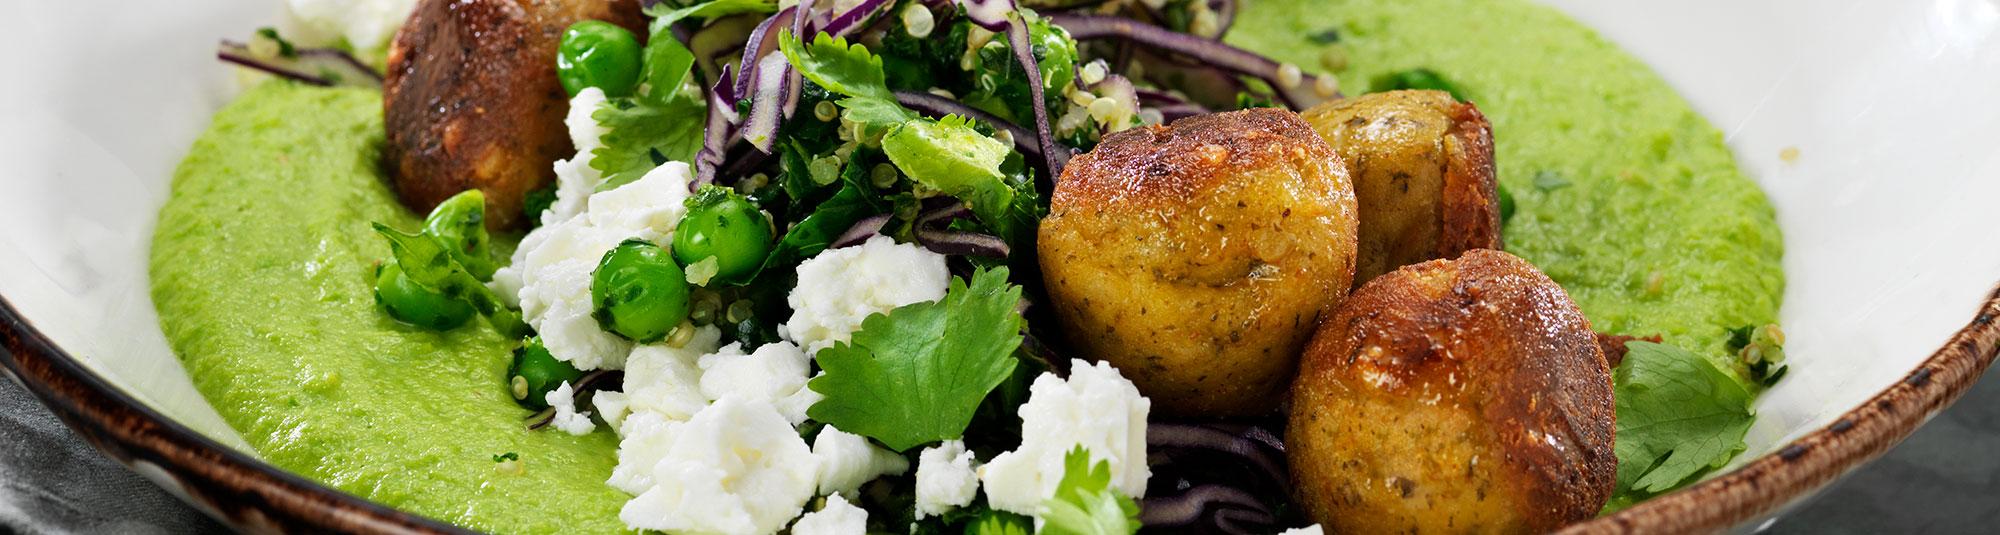 Falafel med ärthummus och feta